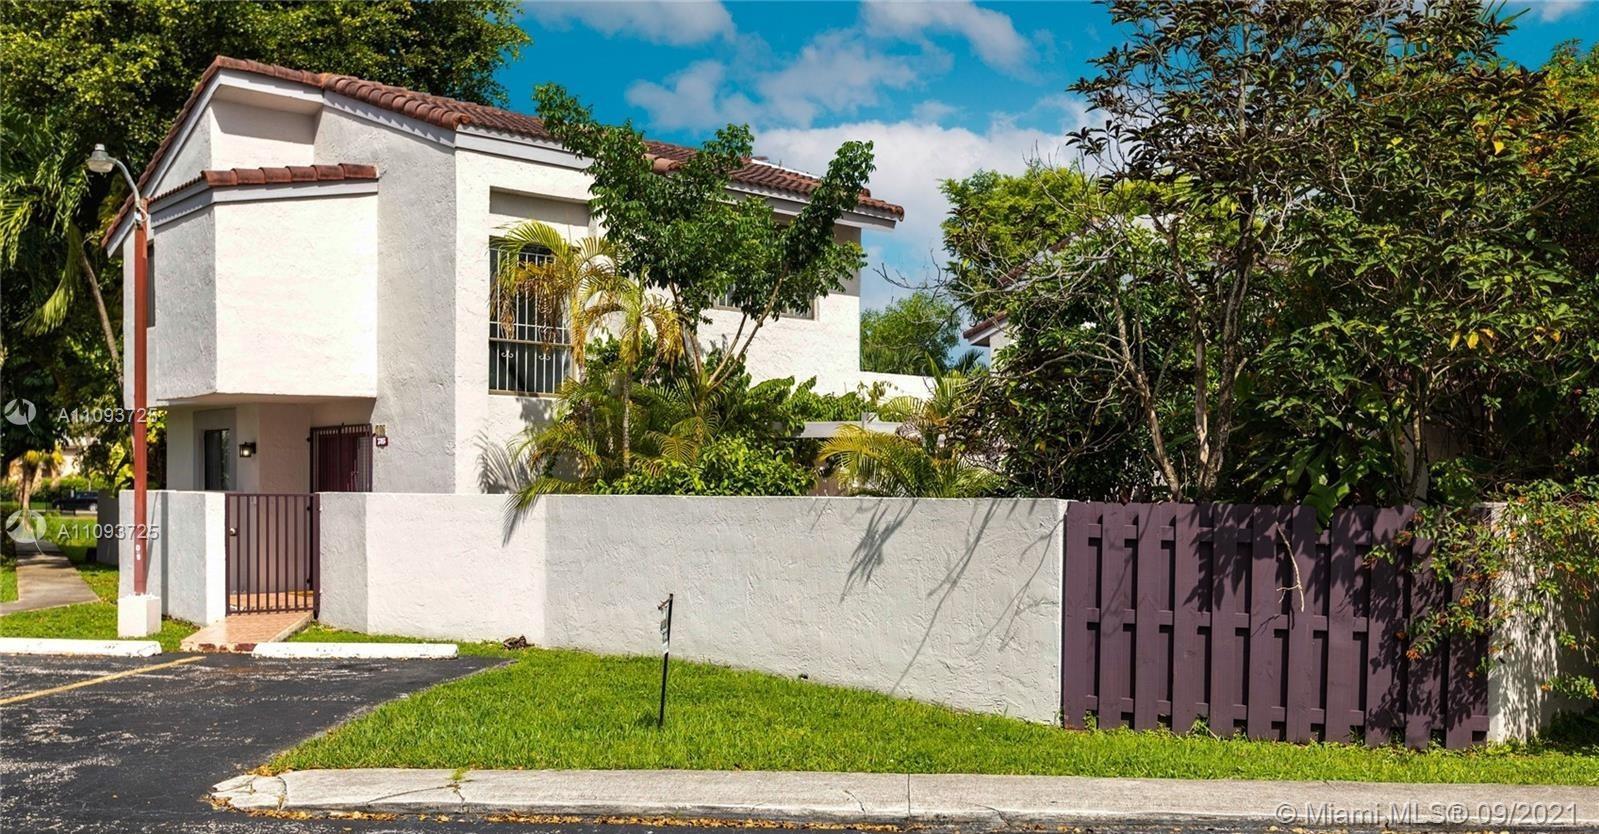 Las Ramblas #B1-1 - 746 NW 106th Ave #B1-1, Miami, FL 33172